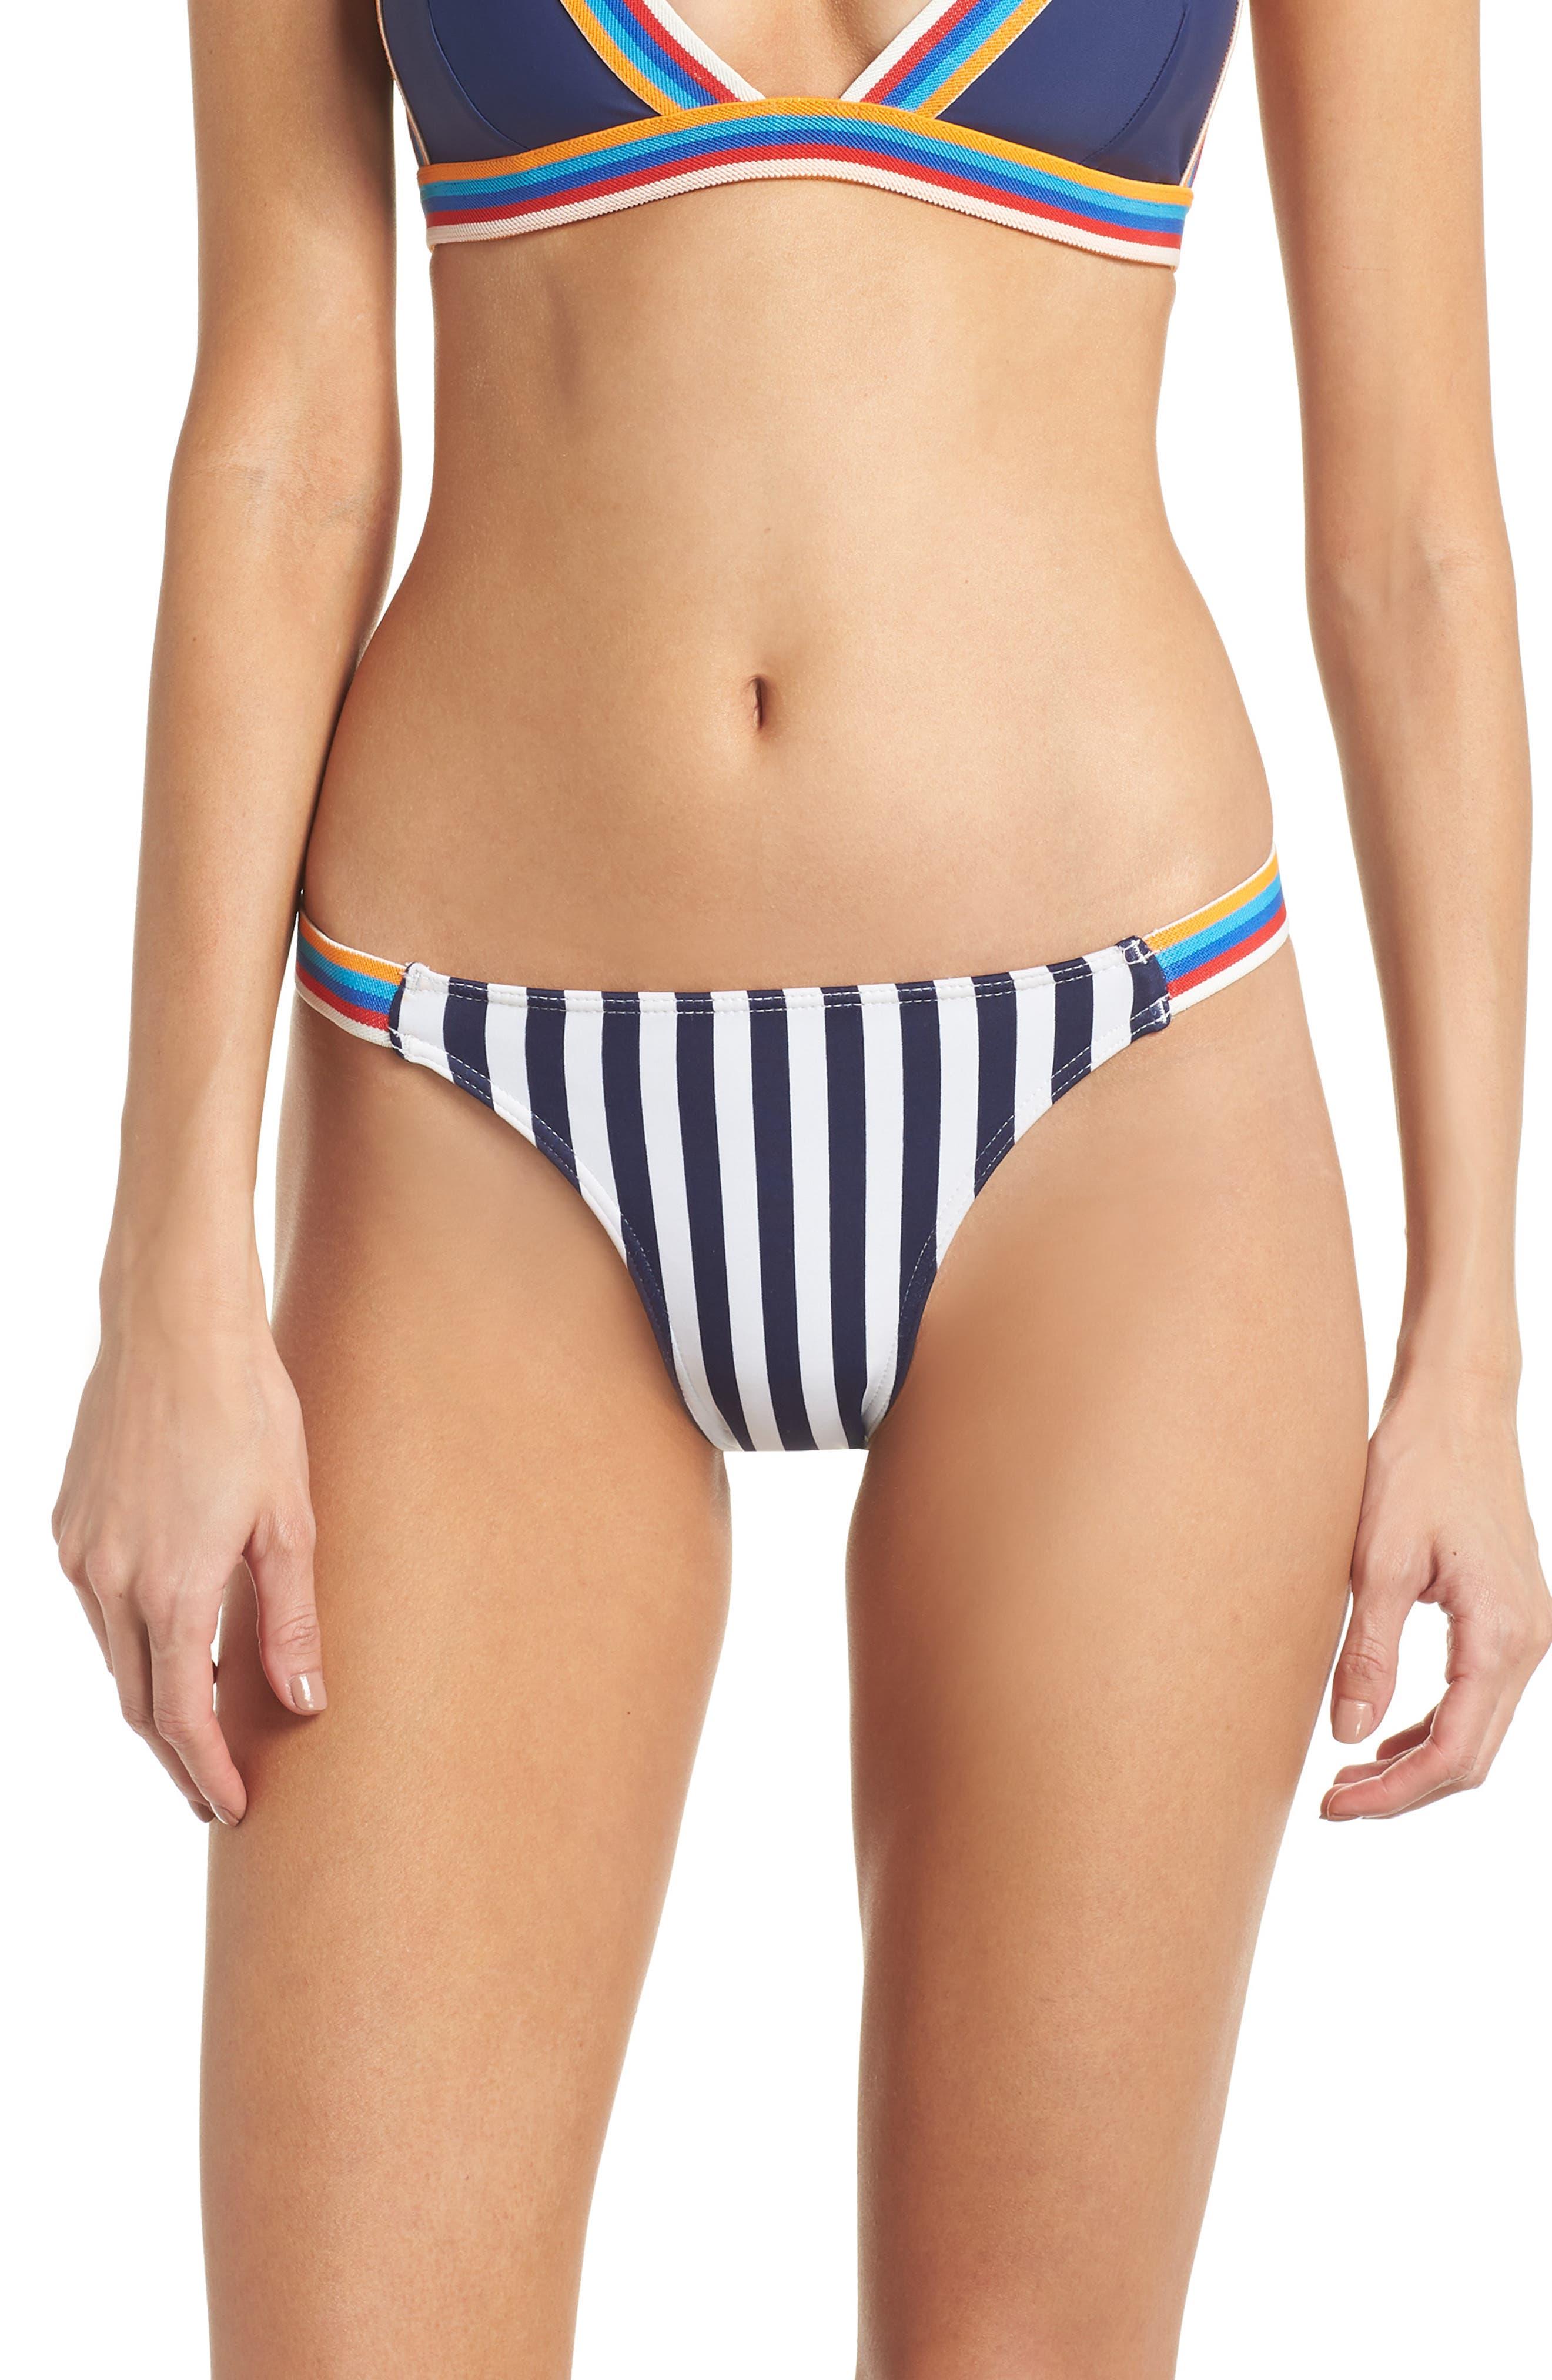 Sizzle Bikini Bottoms,                         Main,                         color, 400